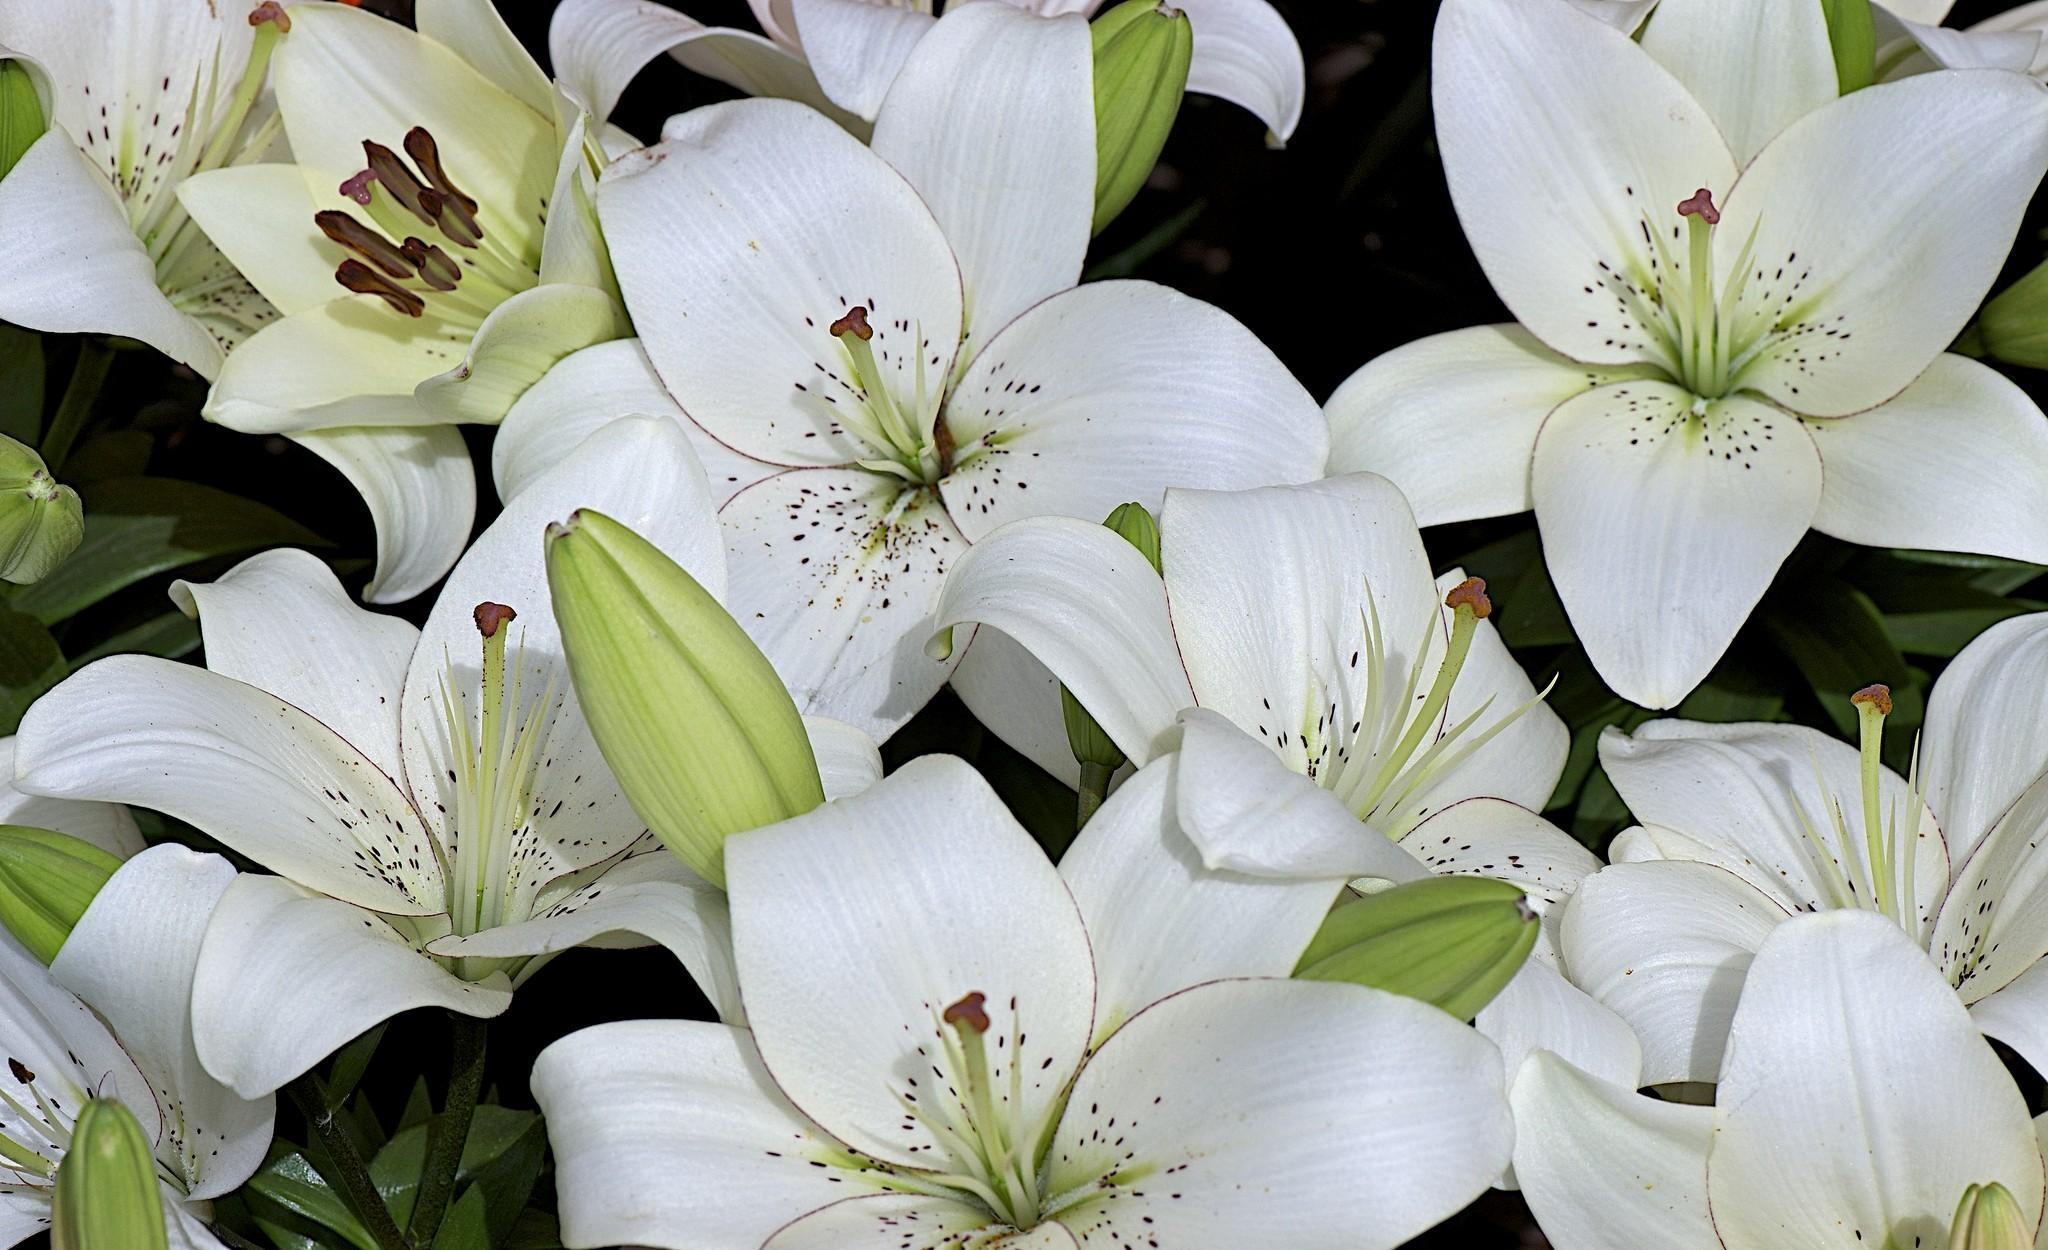 найти картинки белых лилий именно